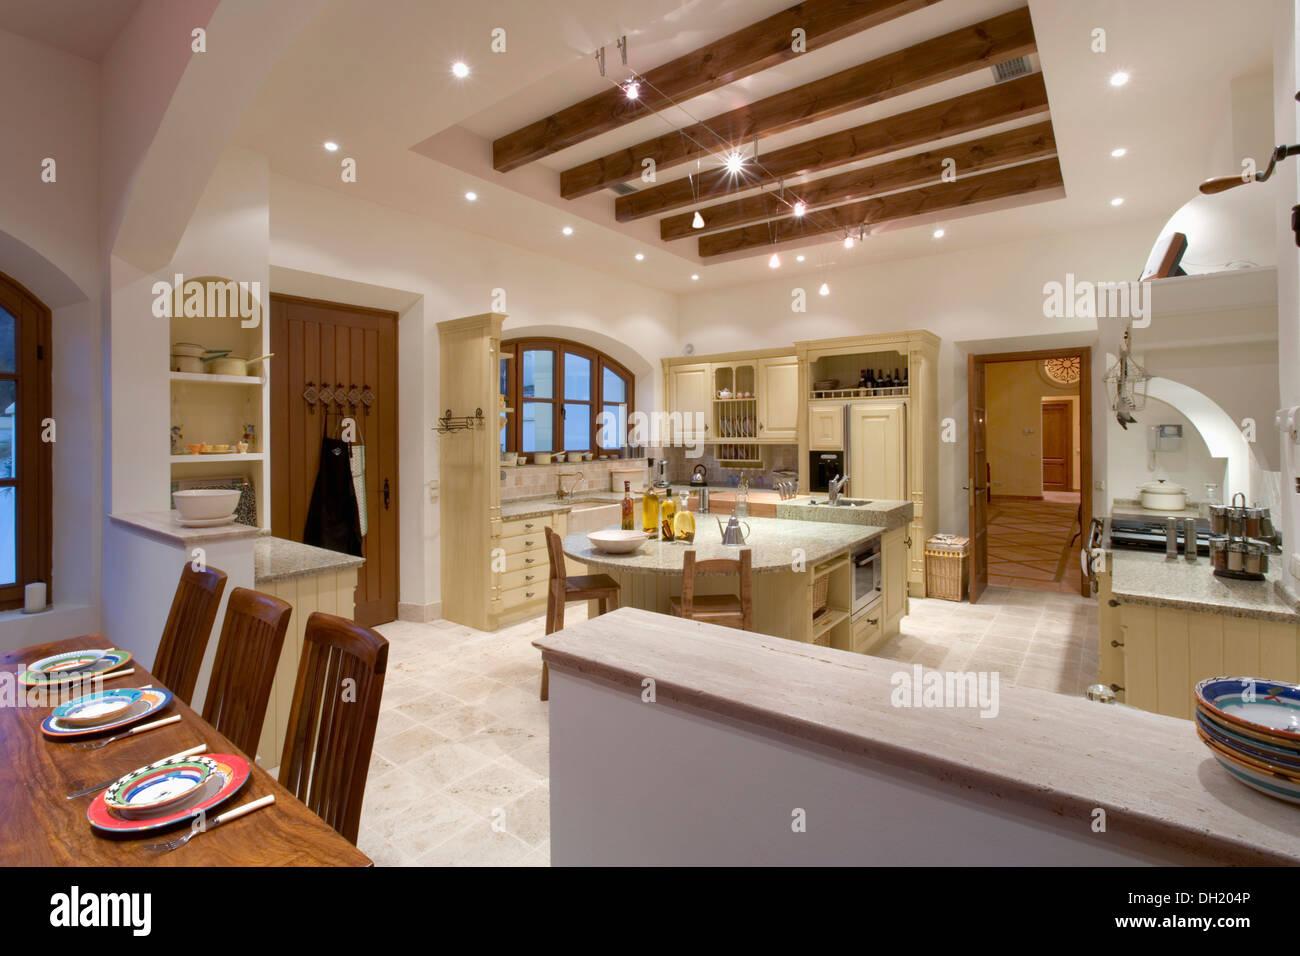 Controsoffitto Con Travi In Legno : Illuminare soffitto con travi in legno: illuminazione soffitto con